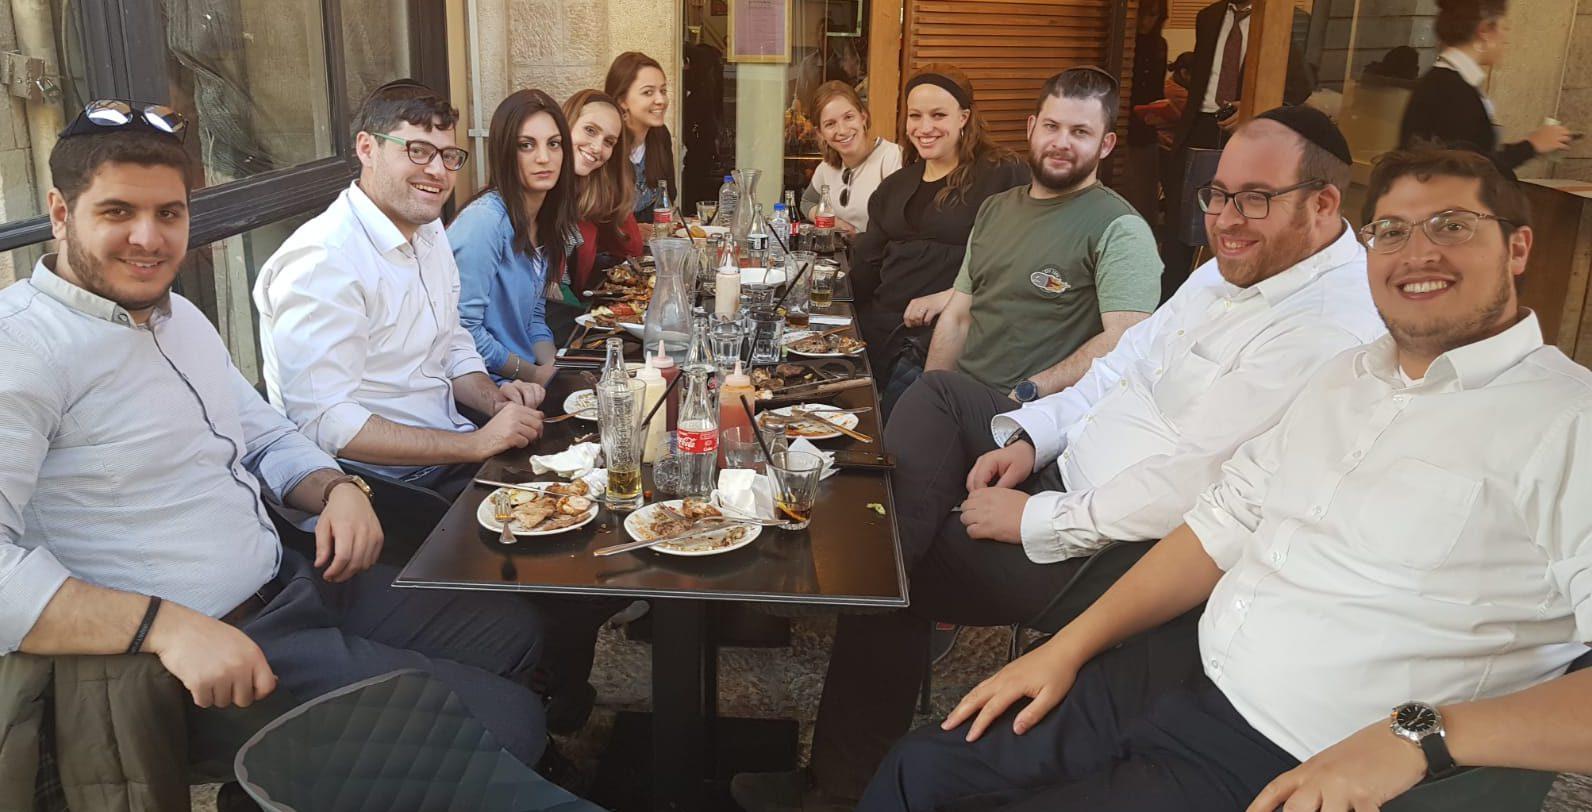 ביקור וסיקור: יוני קדם פגש את הצוות של סוכנות הדיגיטל Webetter 1